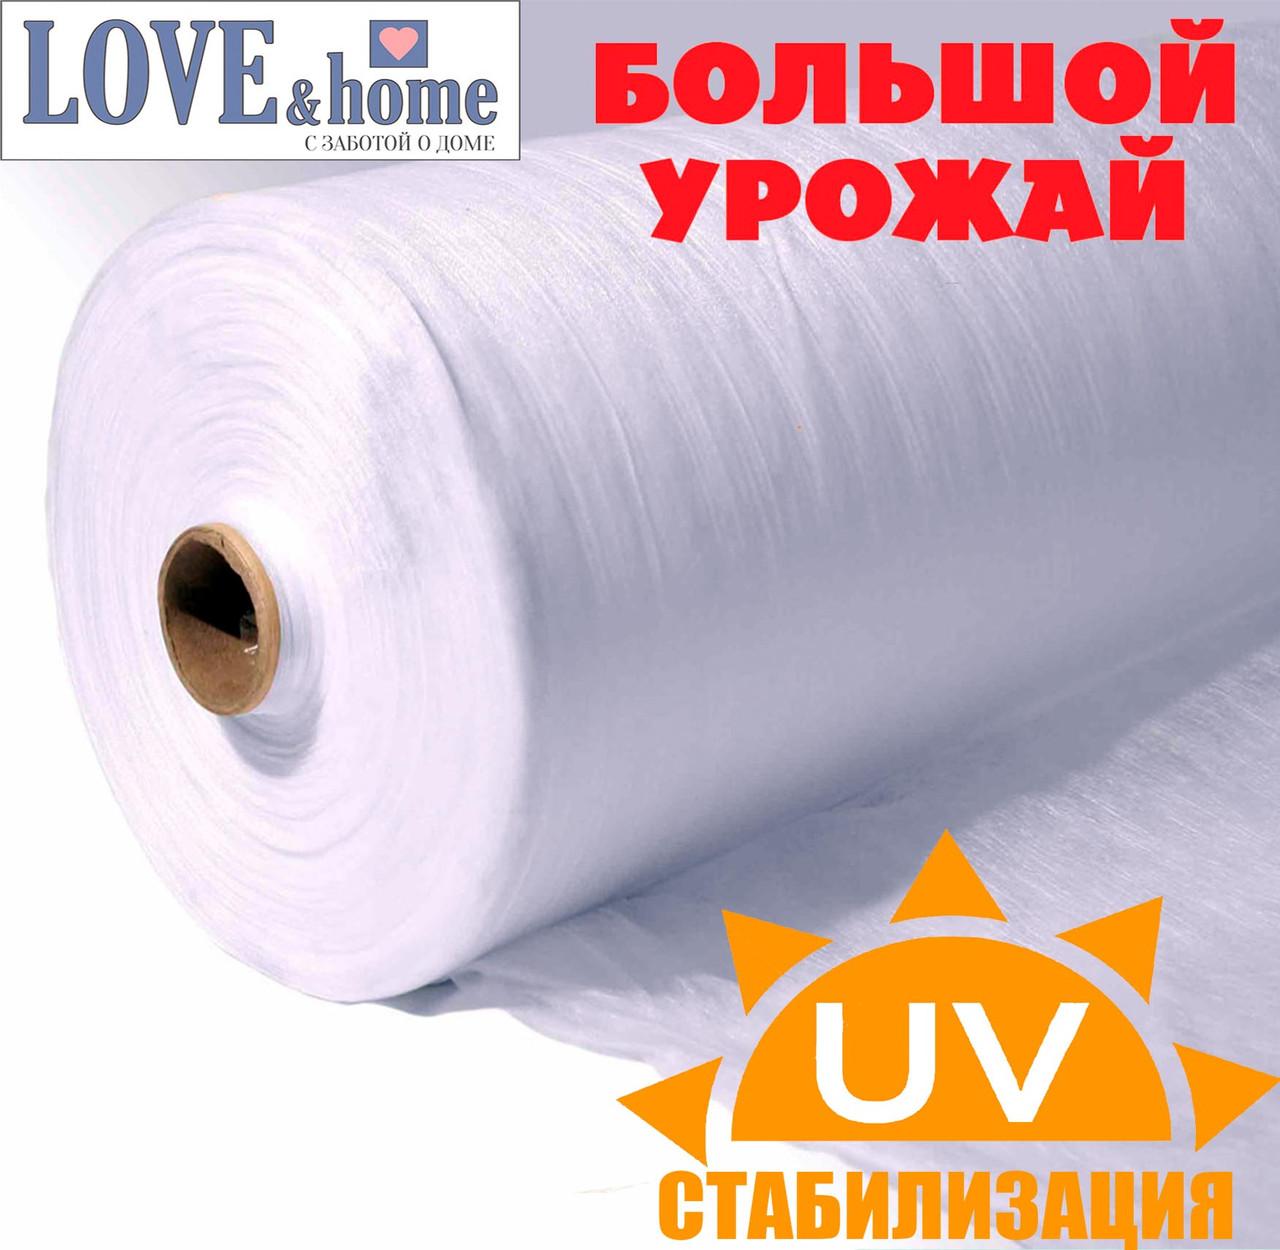 Агроволокно белое, плотность 23г/м². ширина 8.5 м. длинна 100м.